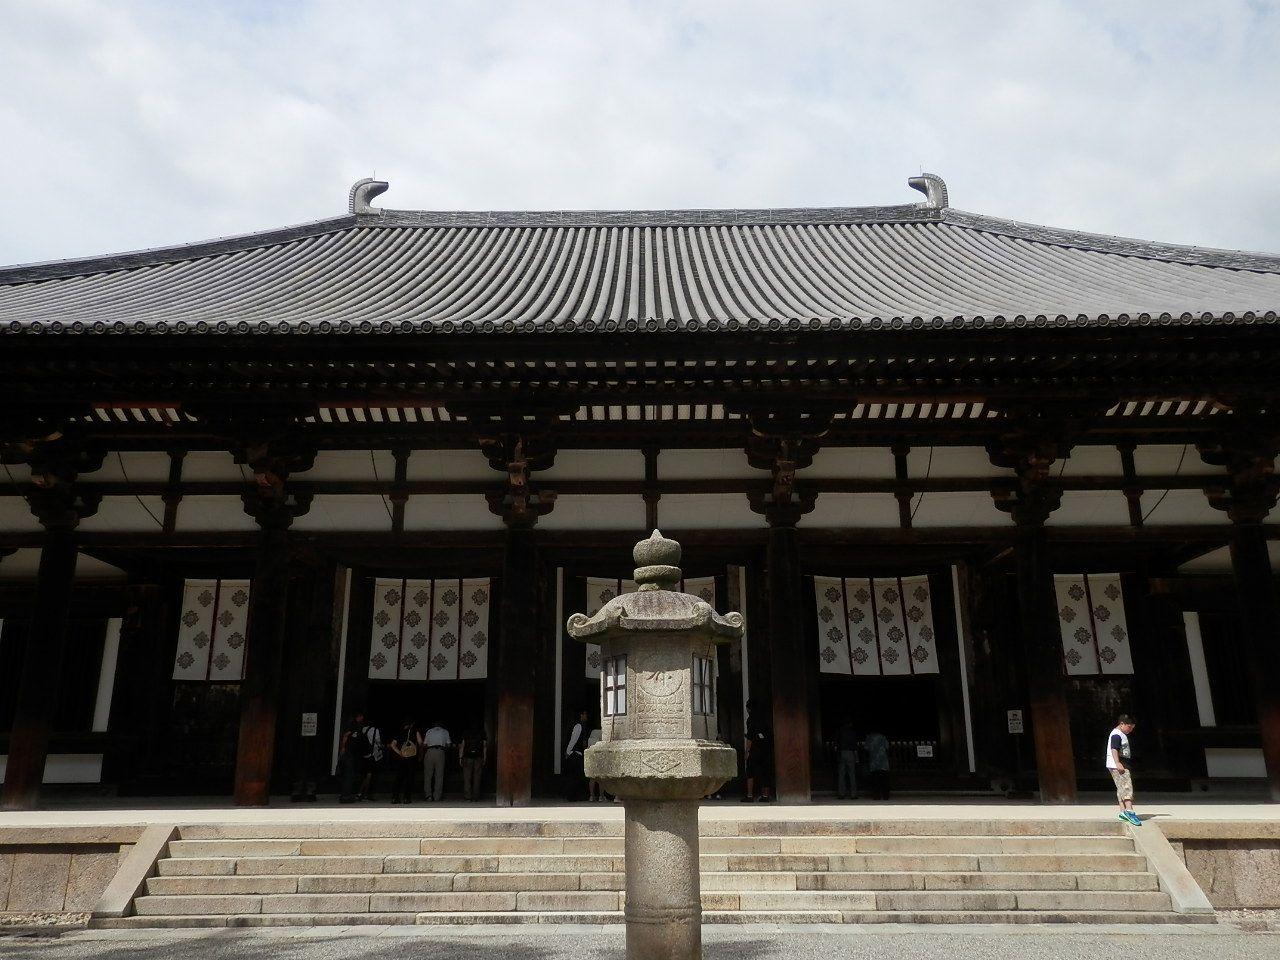 日本仏教を正しい方向へ導いた偉人、鑑真創建の唐招提寺